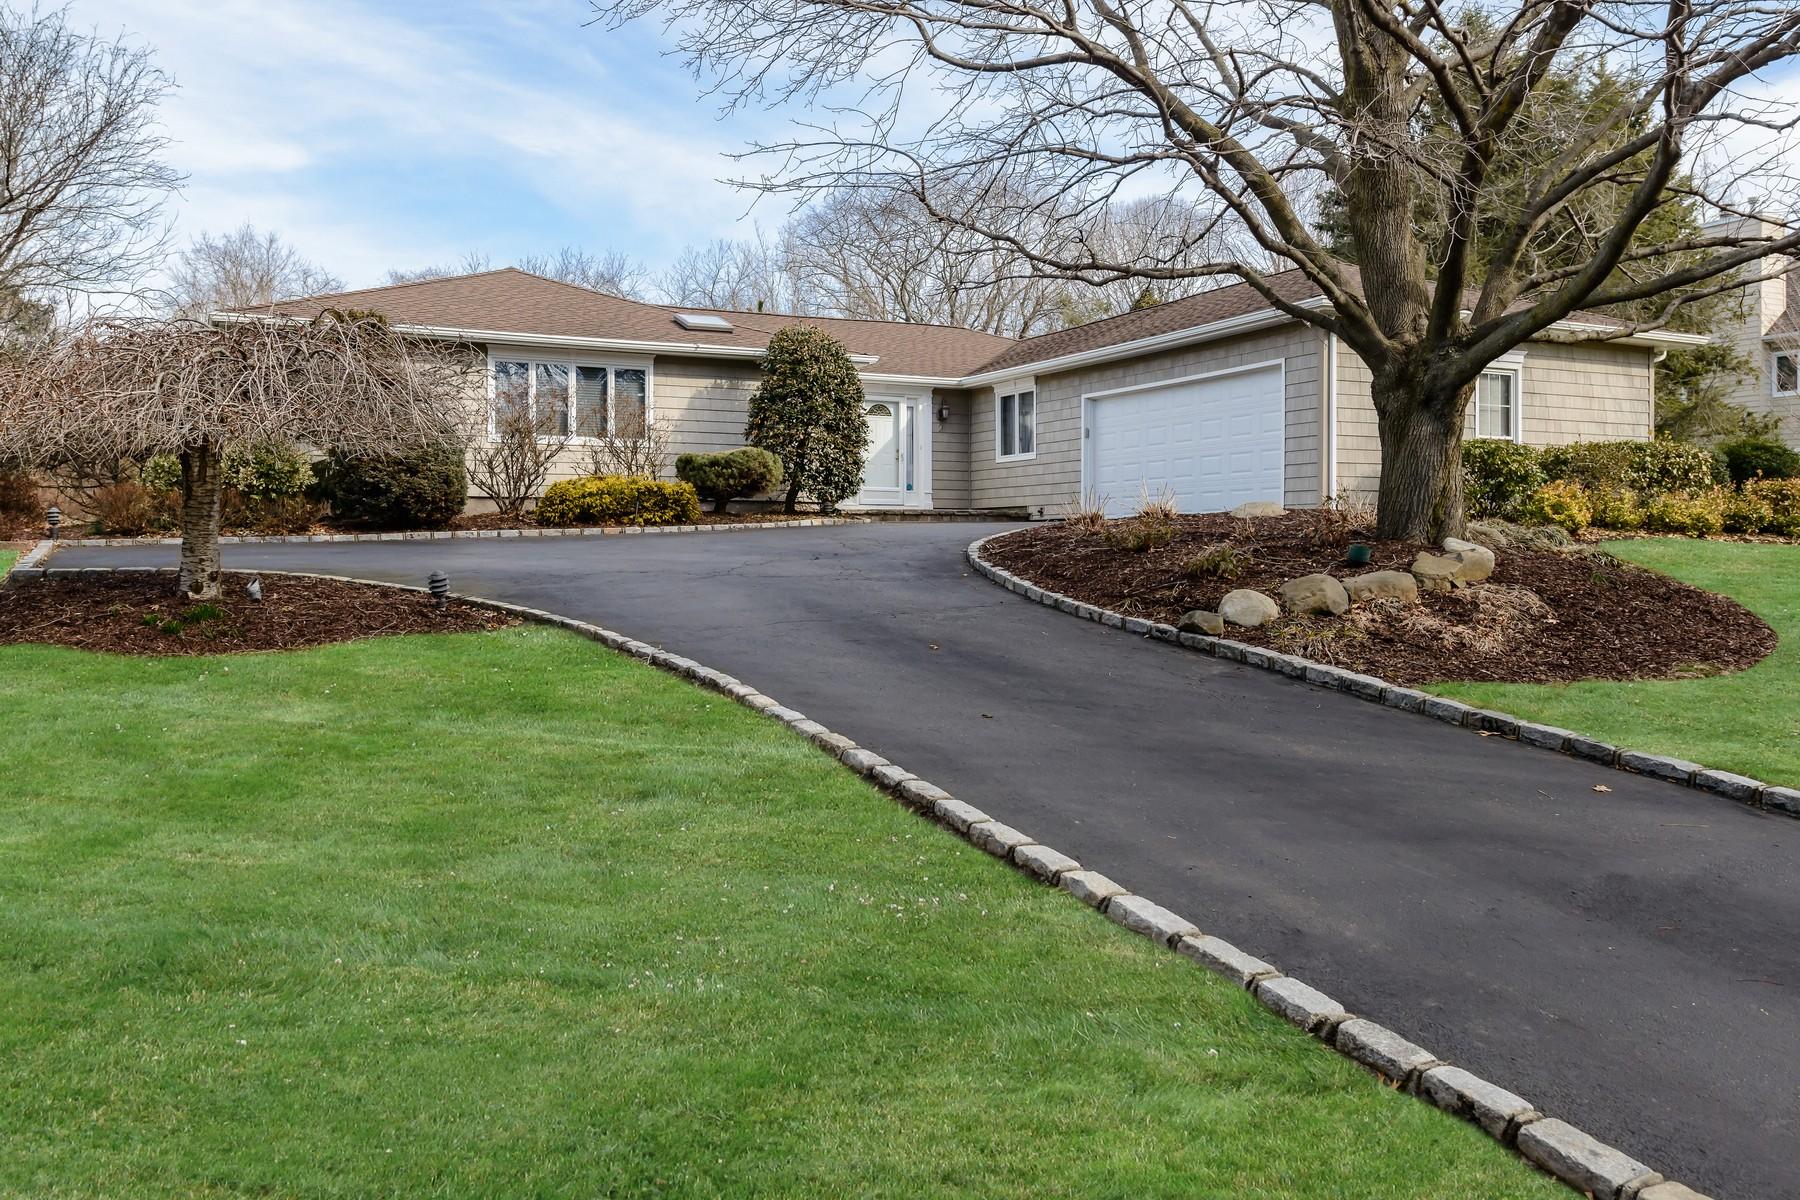 Частный односемейный дом для того Продажа на 5 Corwin Ct , Dix Hills, NY 11746 5 Corwin Ct, Dix Hills, Нью-Йорк, 11746 Соединенные Штаты